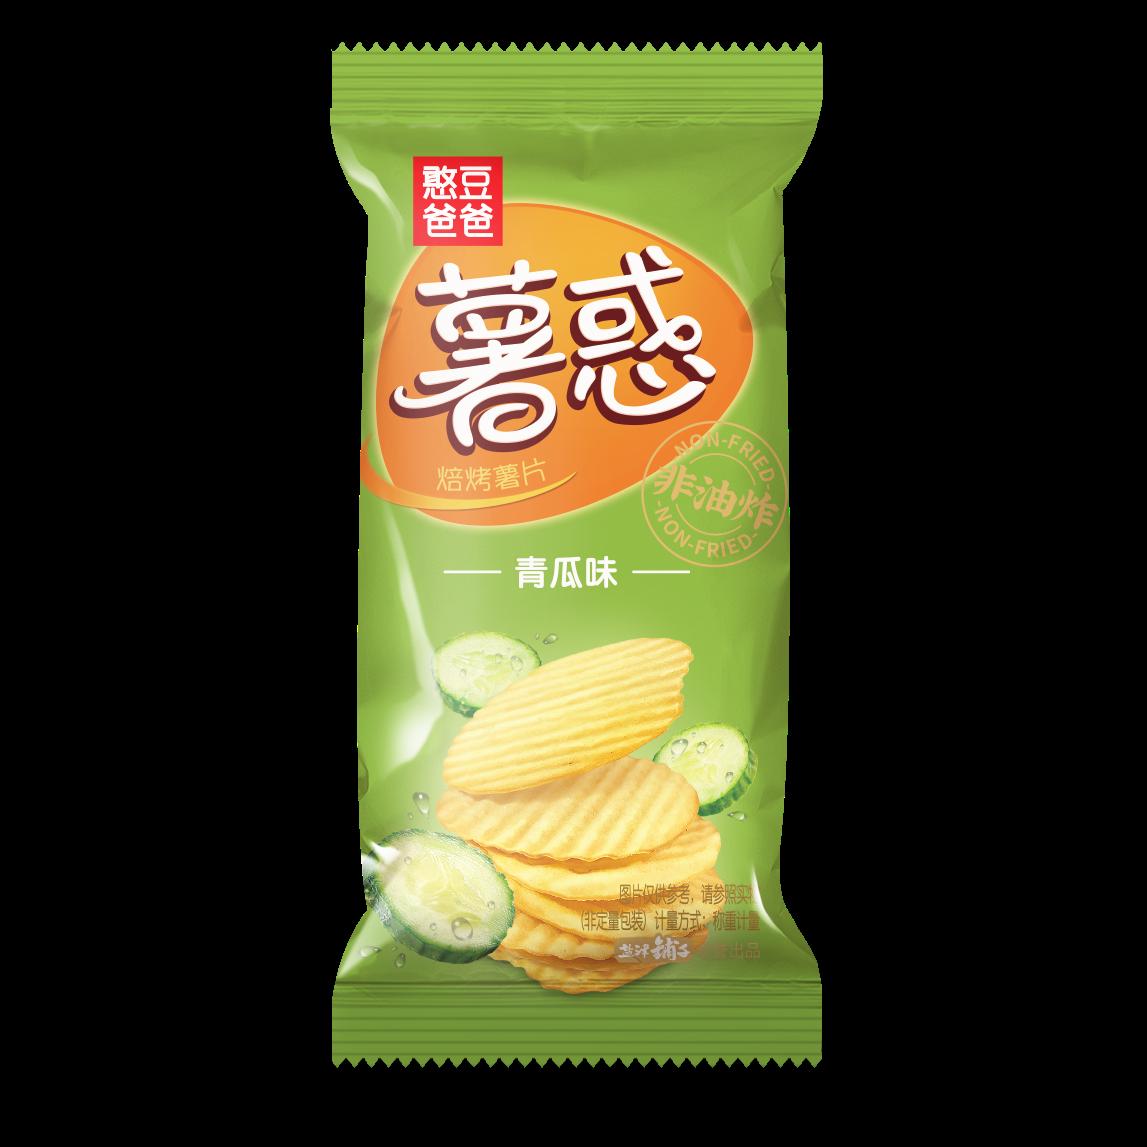 薯惑焙烤薯片(青瓜味)